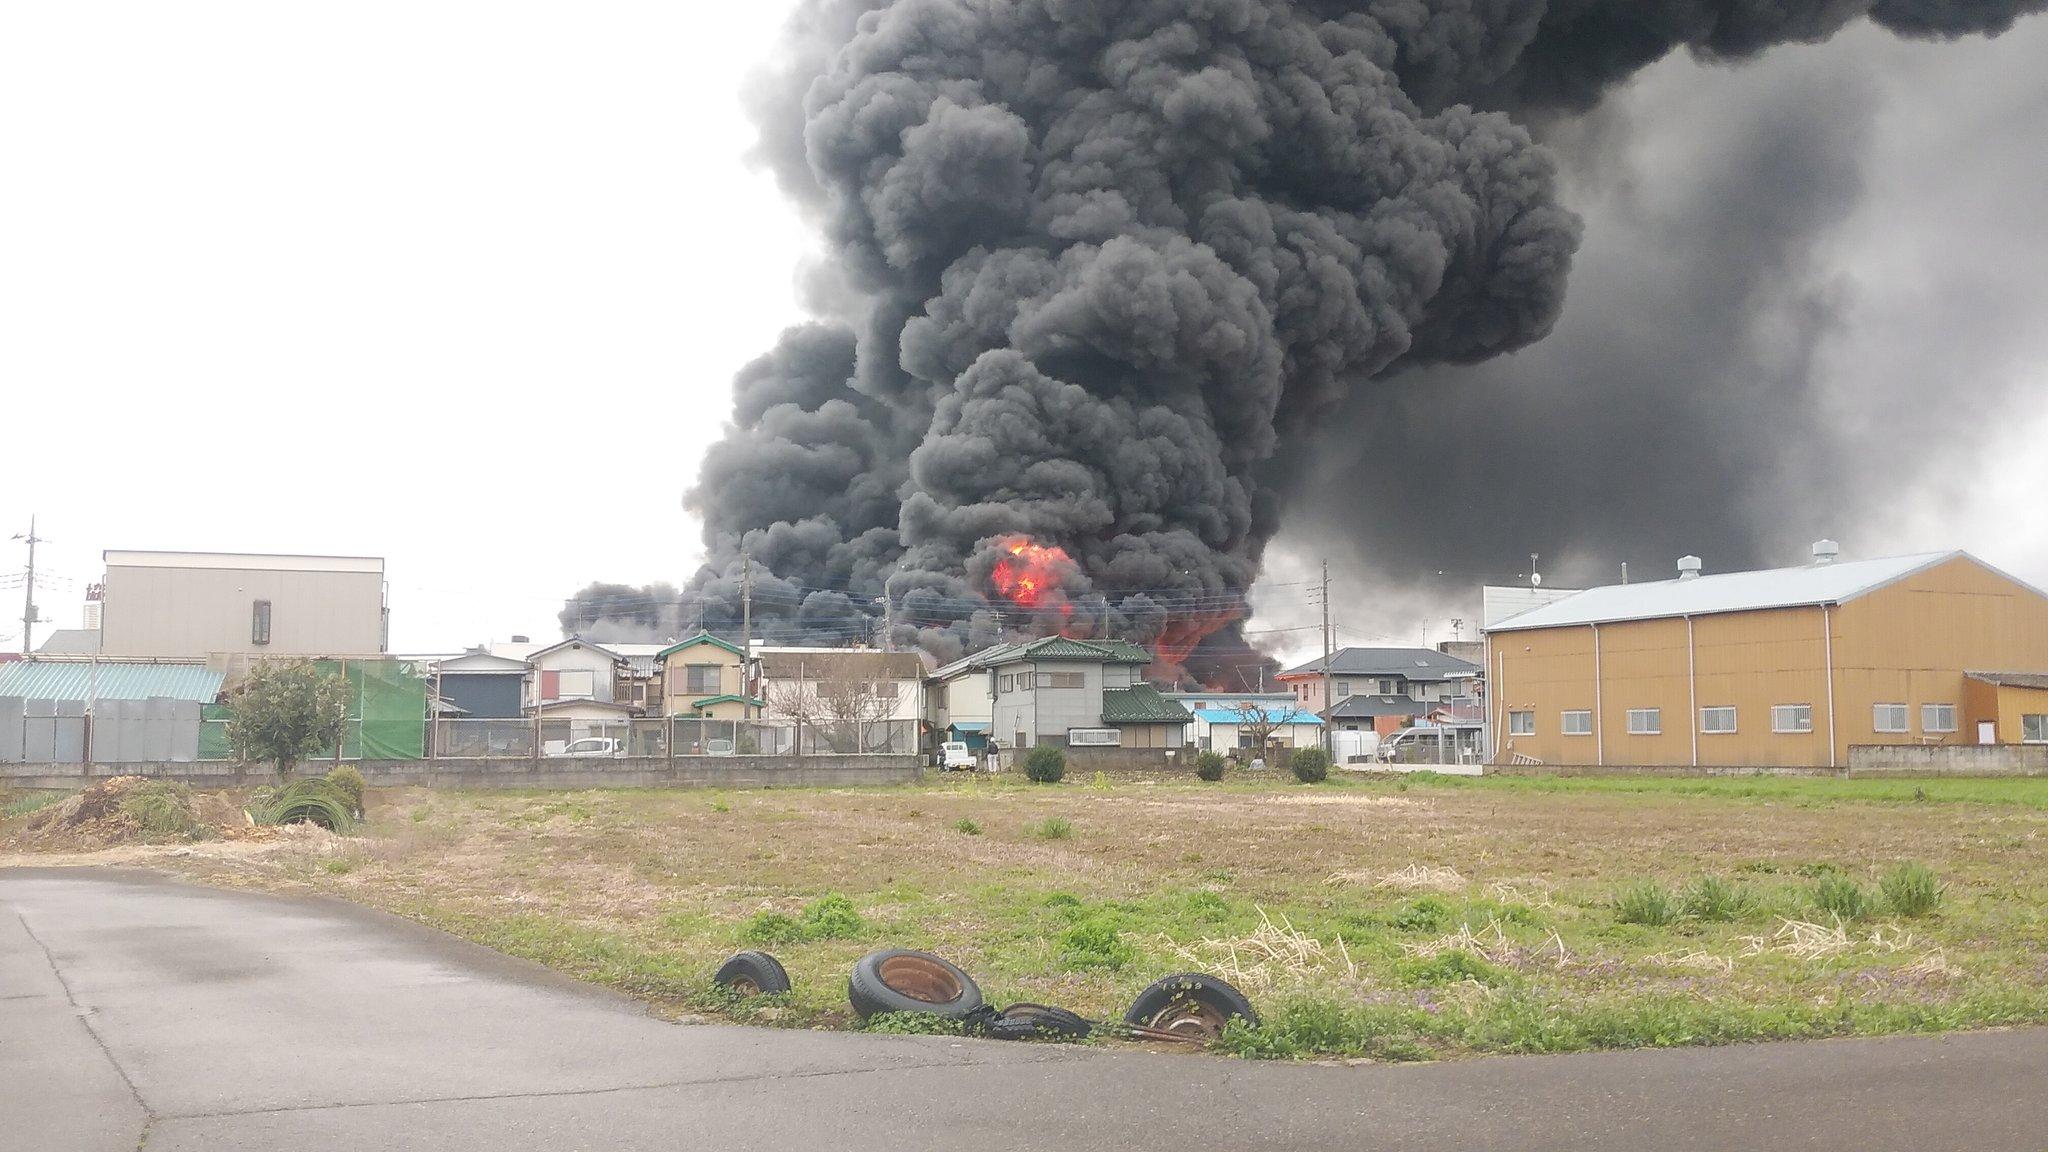 野田市の廃プラスチック工場の火災現場の画像